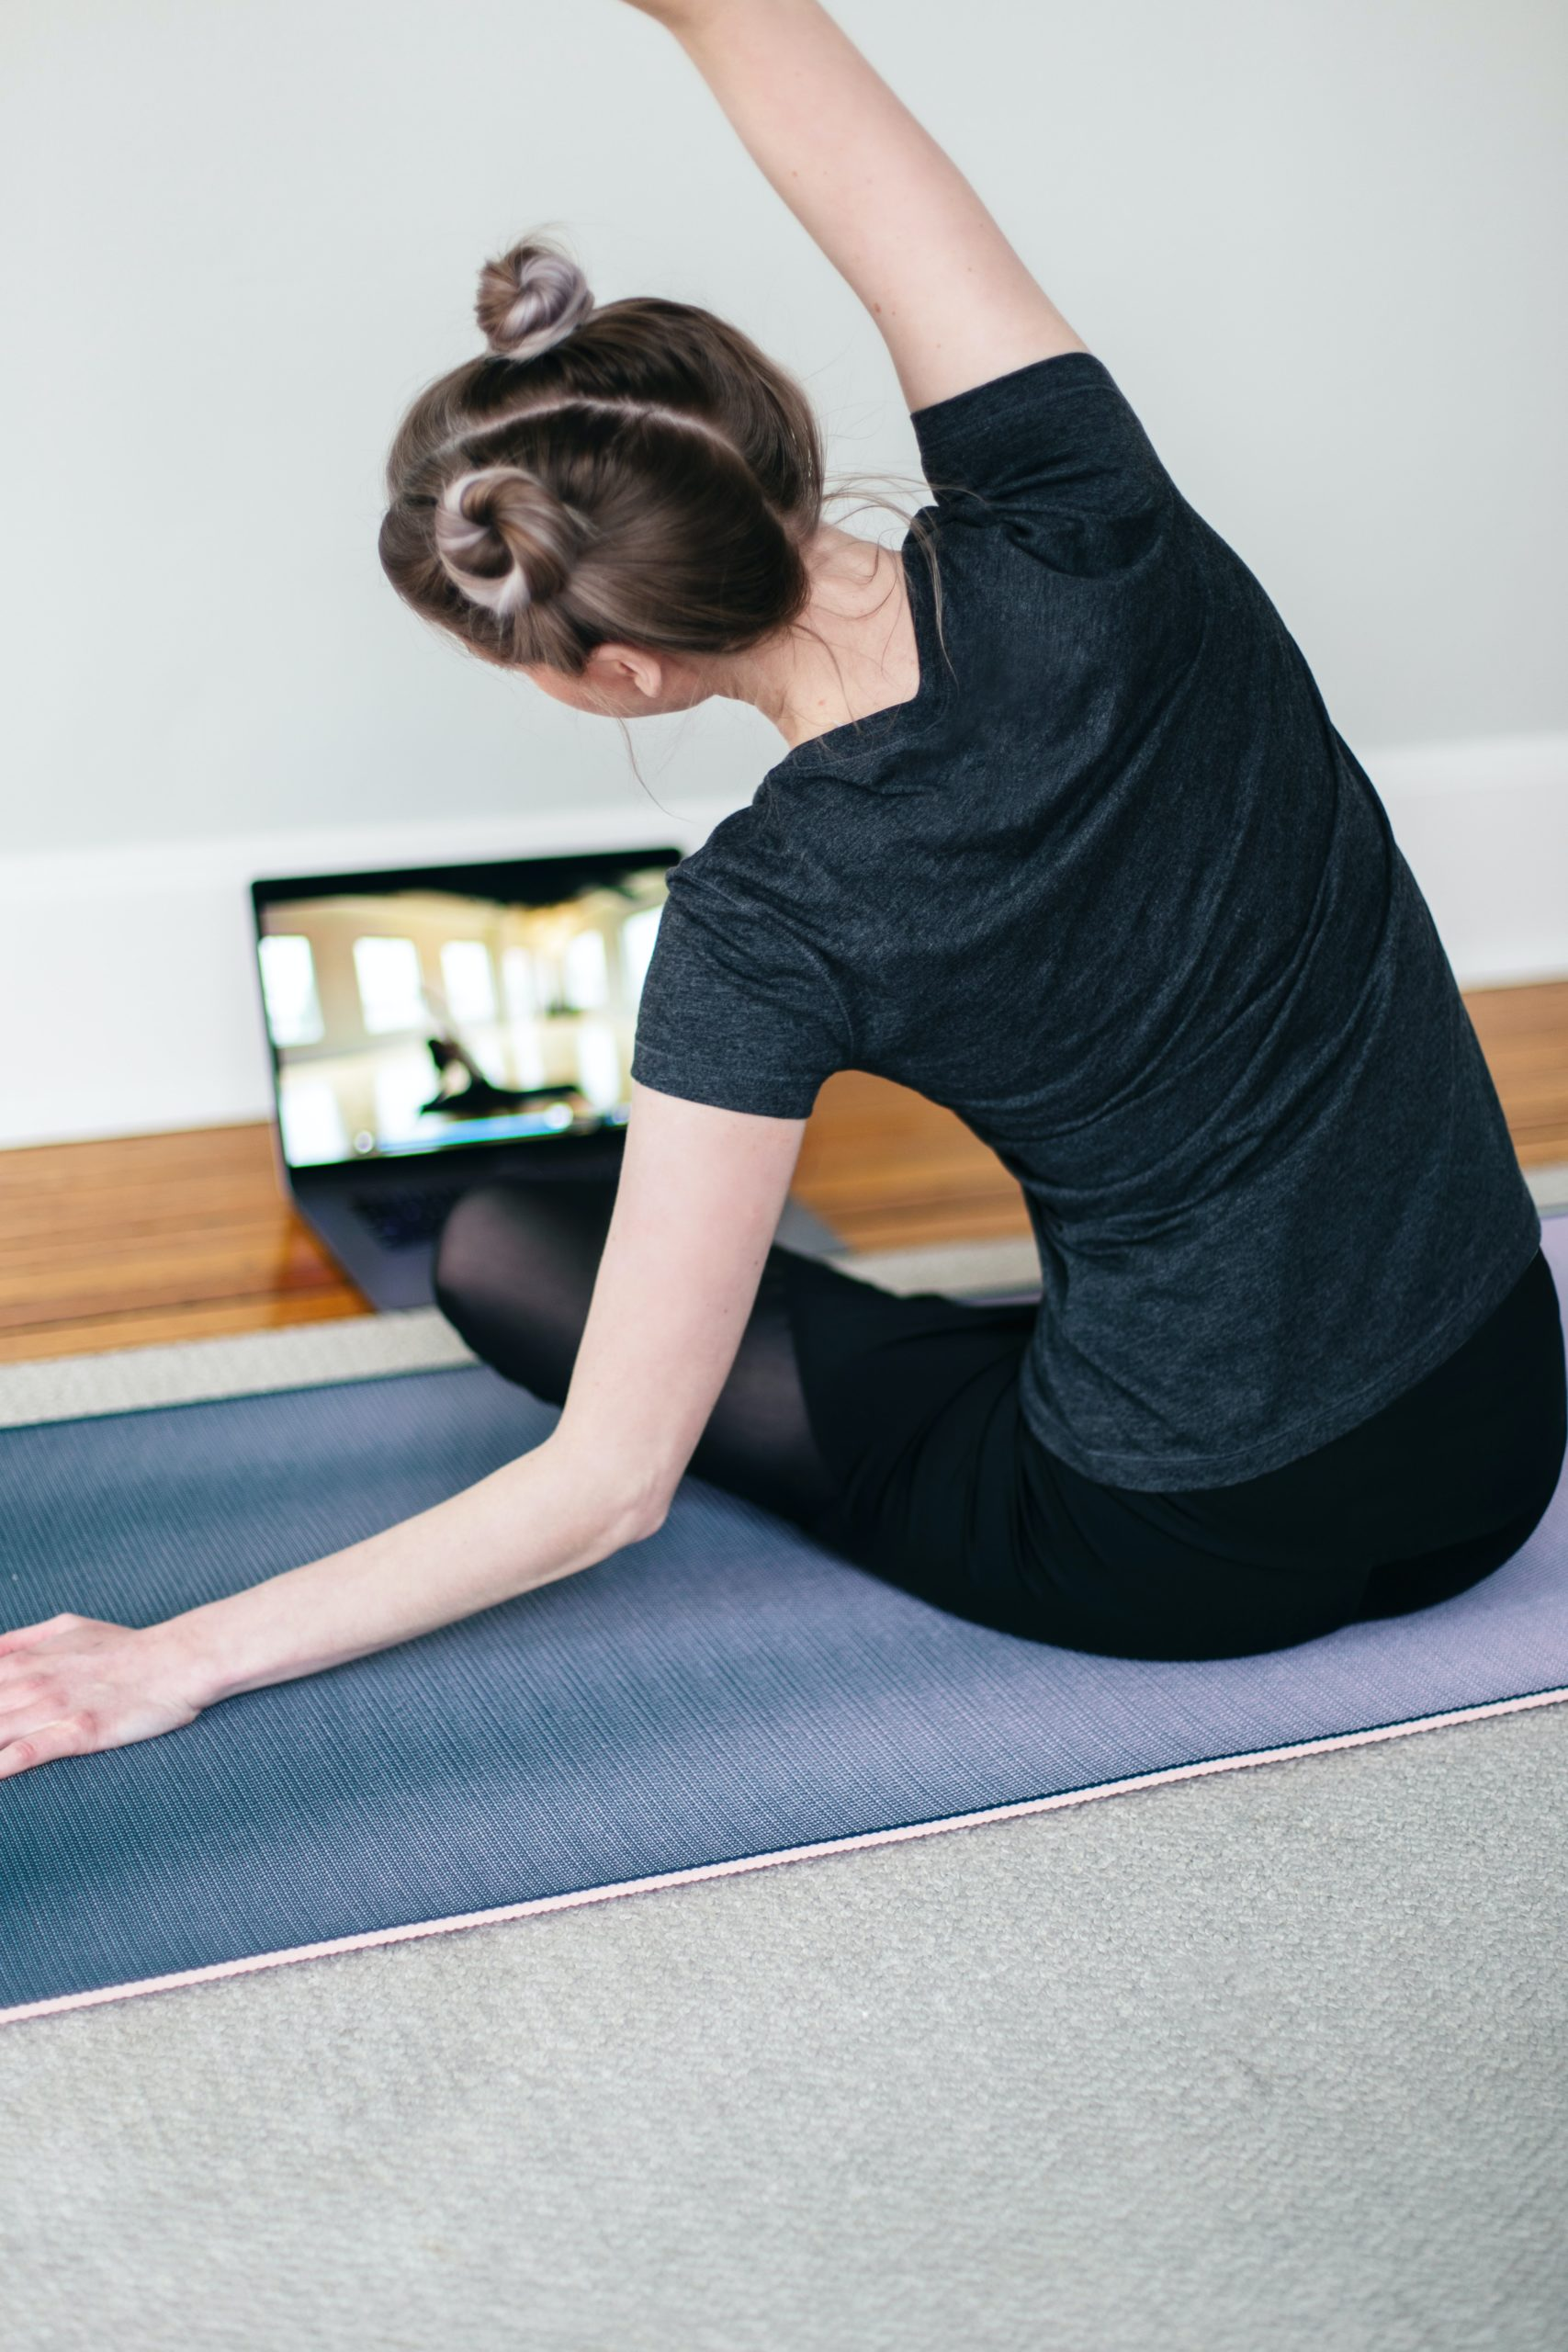 A teenage girl doing online yoga